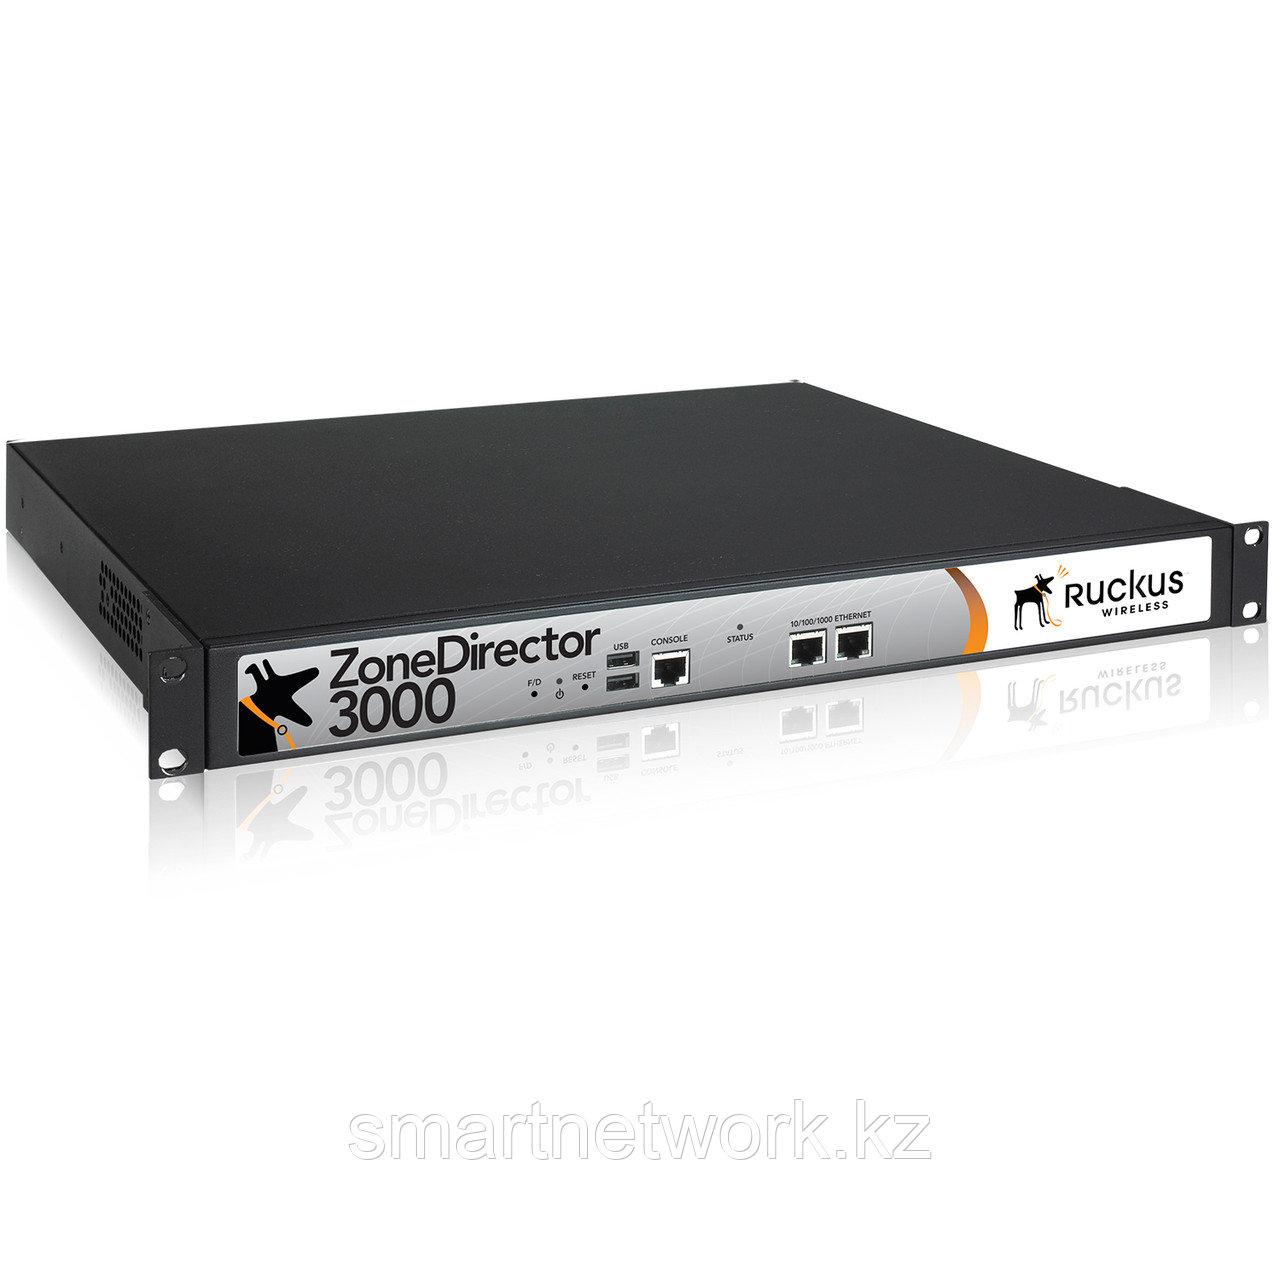 Контроллер Ruckus ZoneDirector 3000